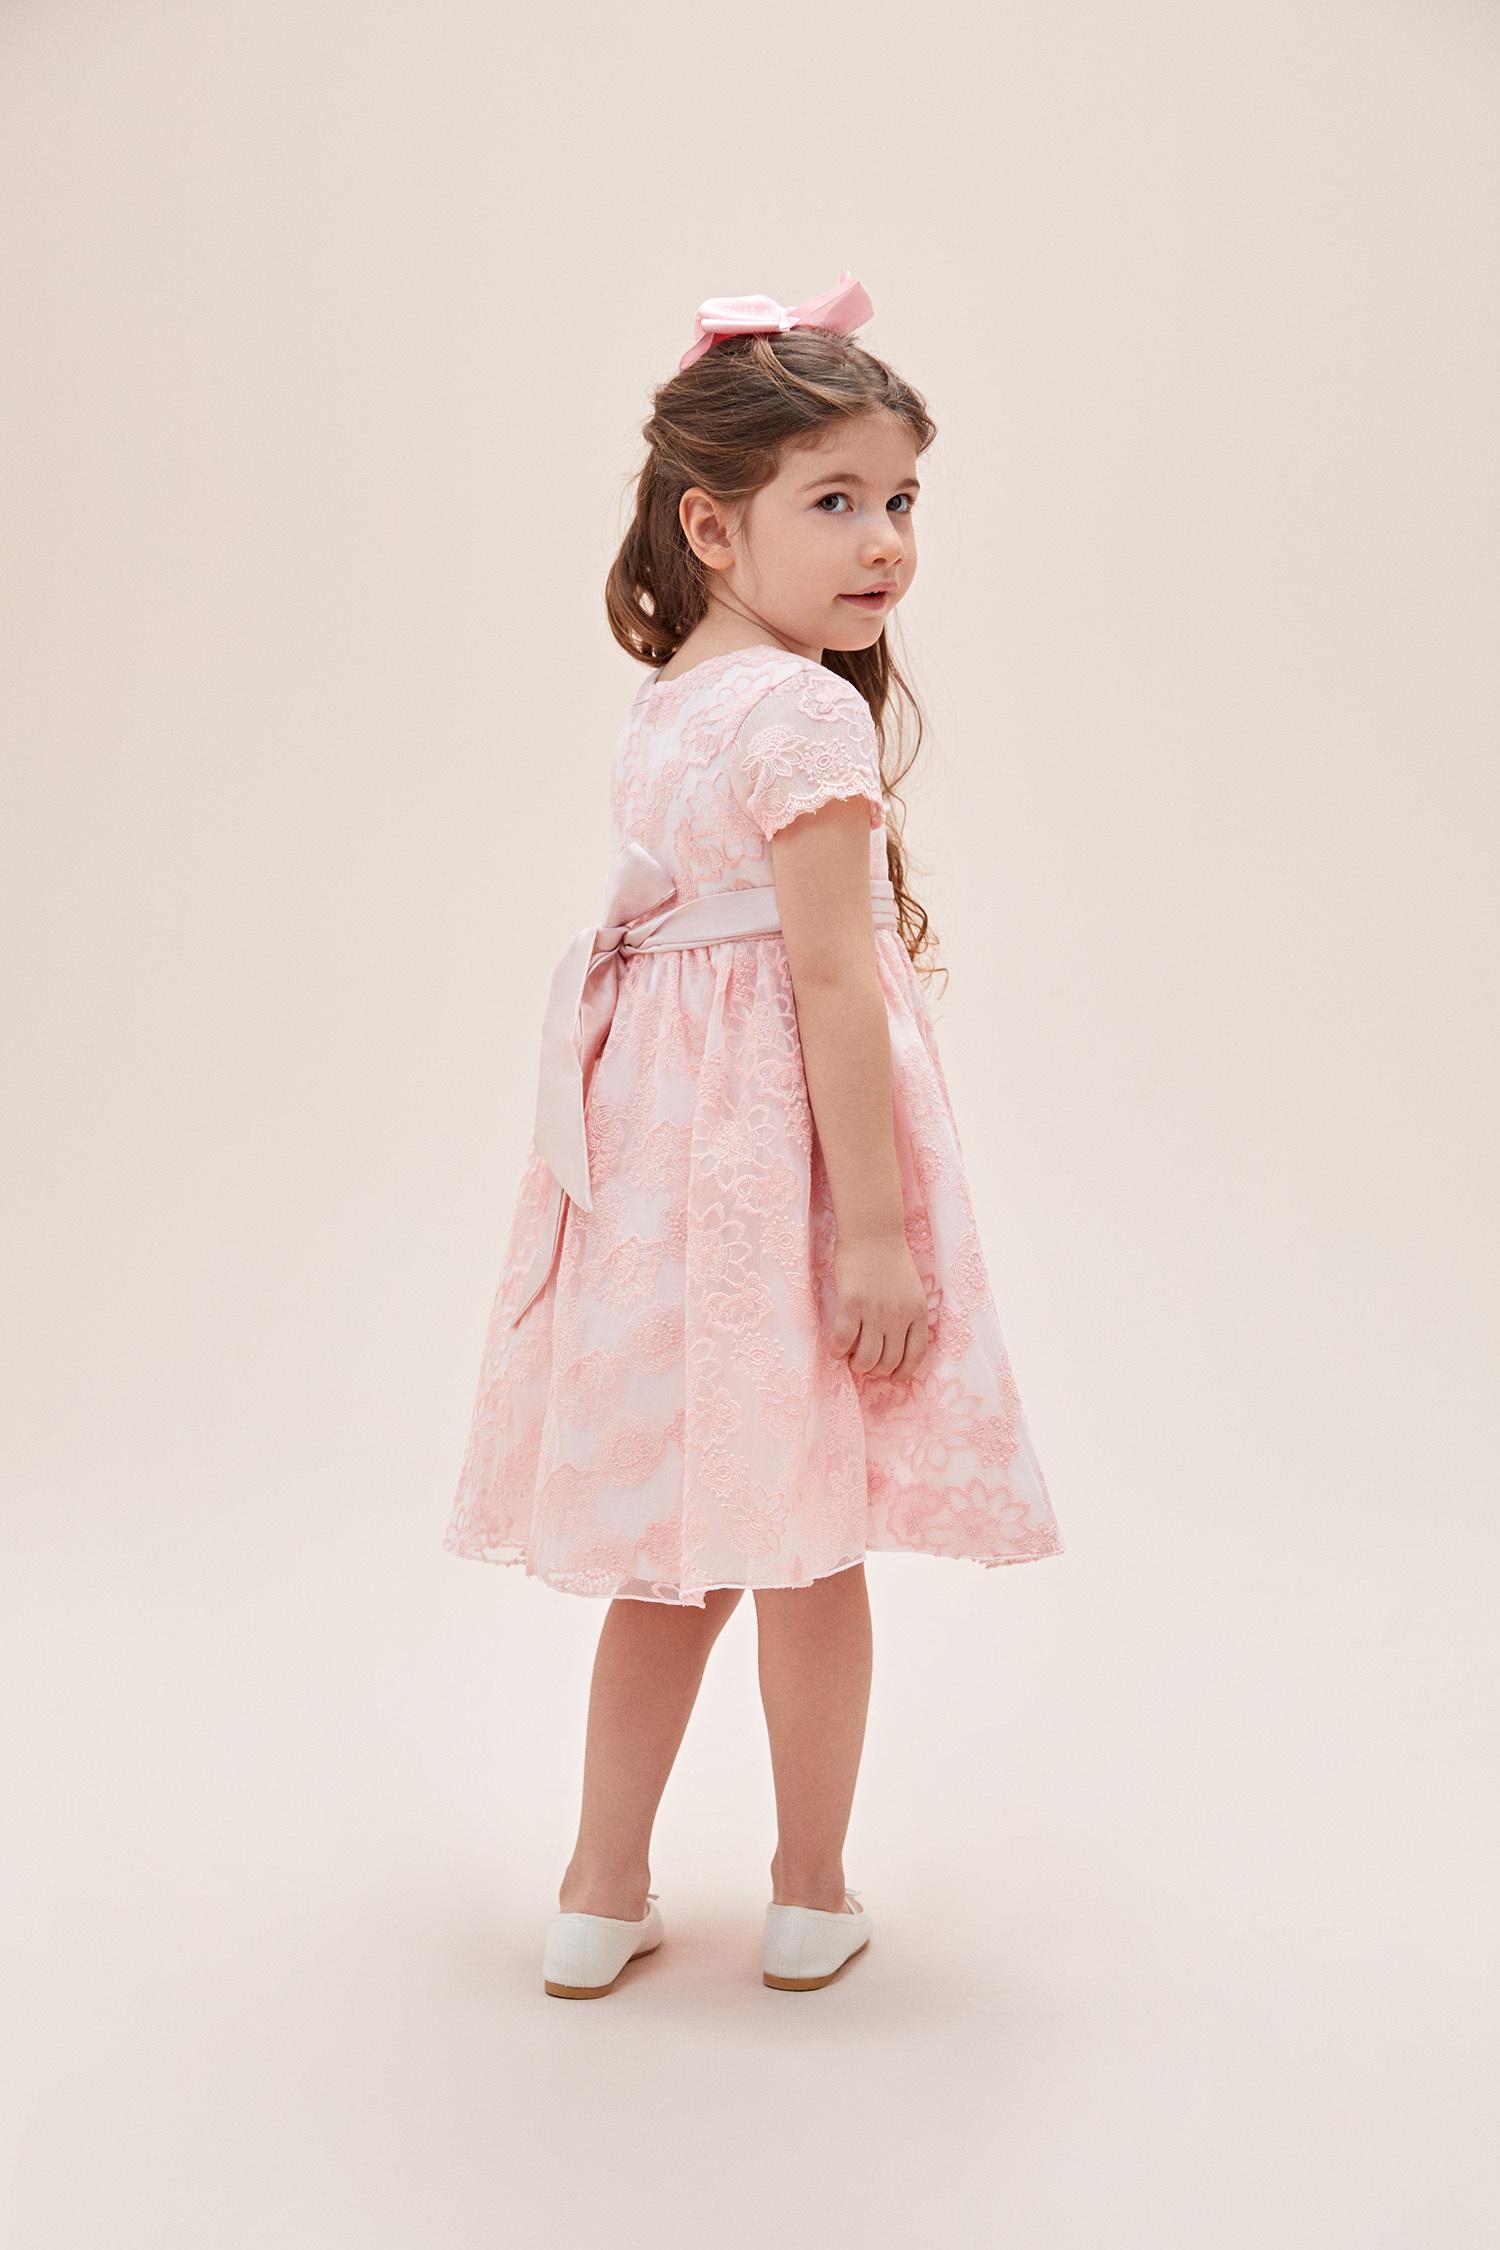 Pembe Dantel İşlemeli Kısa Kollu Fiyonklu Çocuk Elbisesi - Thumbnail